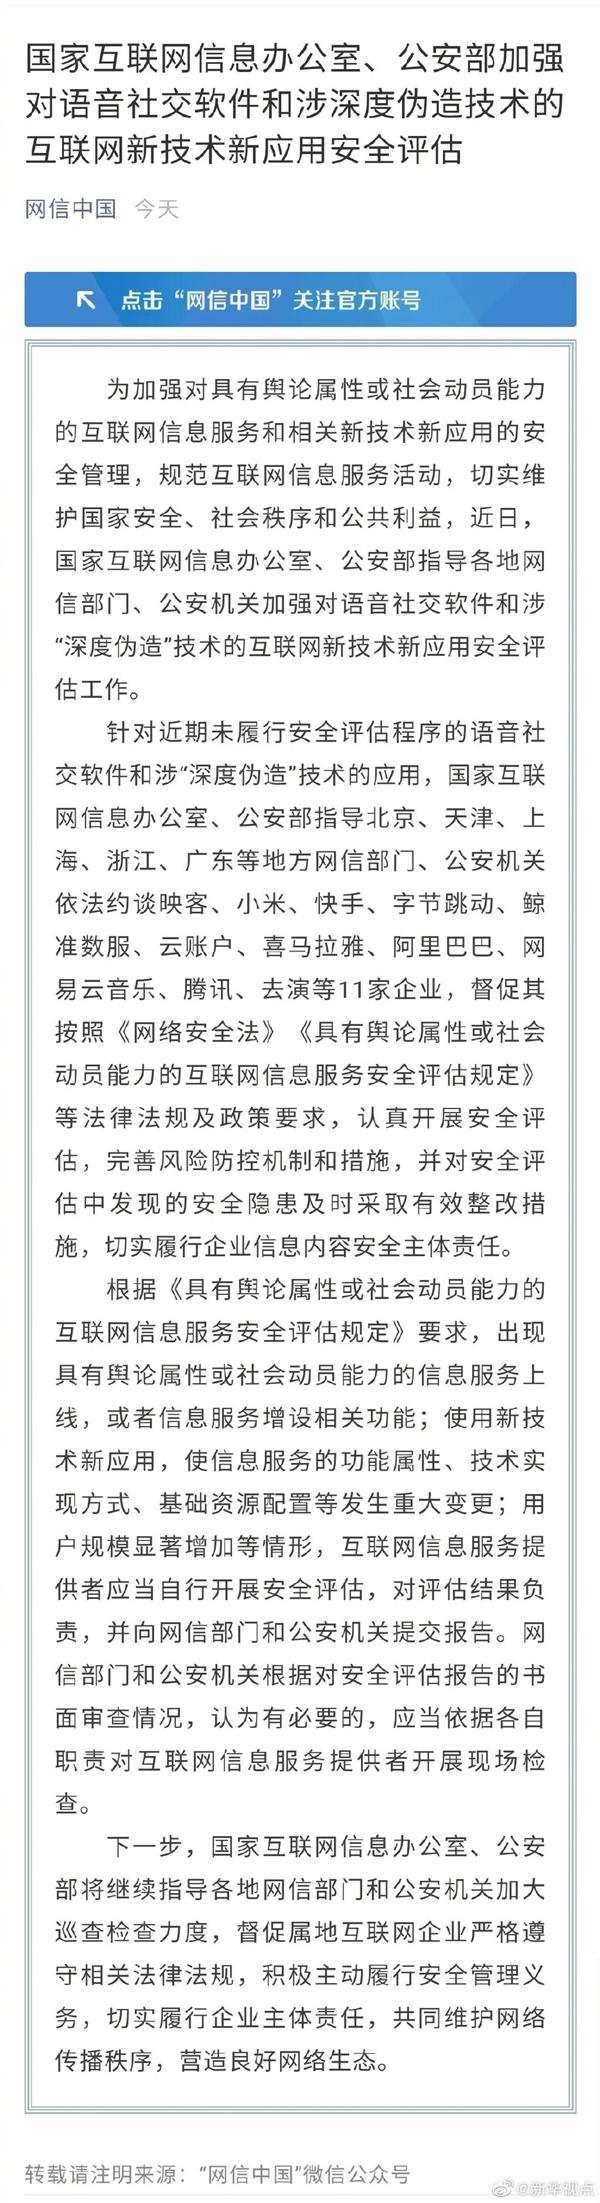 网信、公安部门约谈阿里小米等11家企业 切实维护国家安全